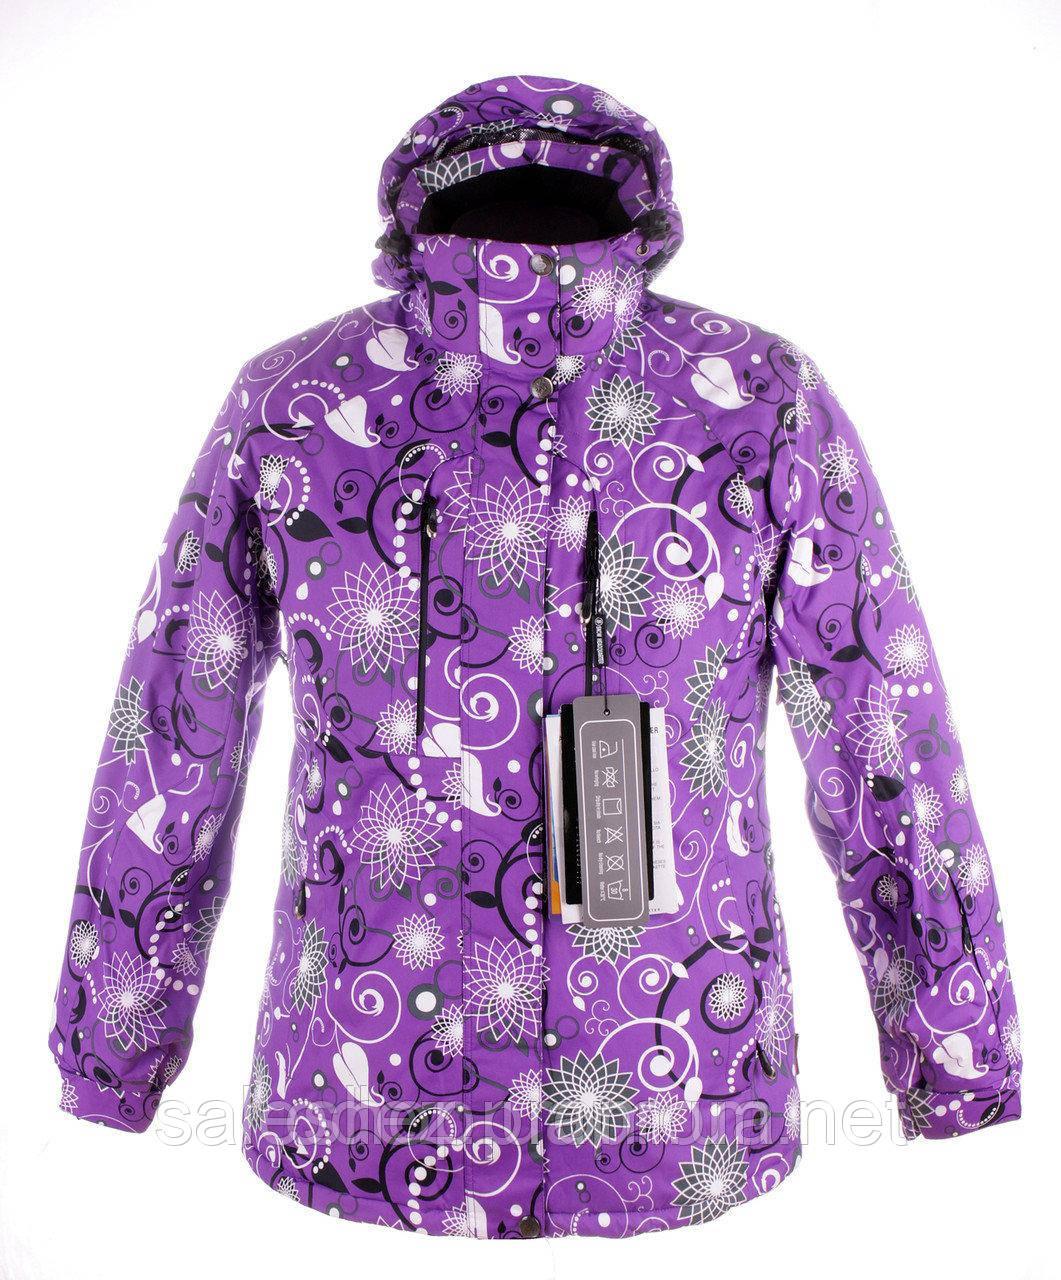 b71ef99bd3d5 Женская горнолыжная (лыжная) куртка Snow headquarter c Omni-Heat - sale-shop